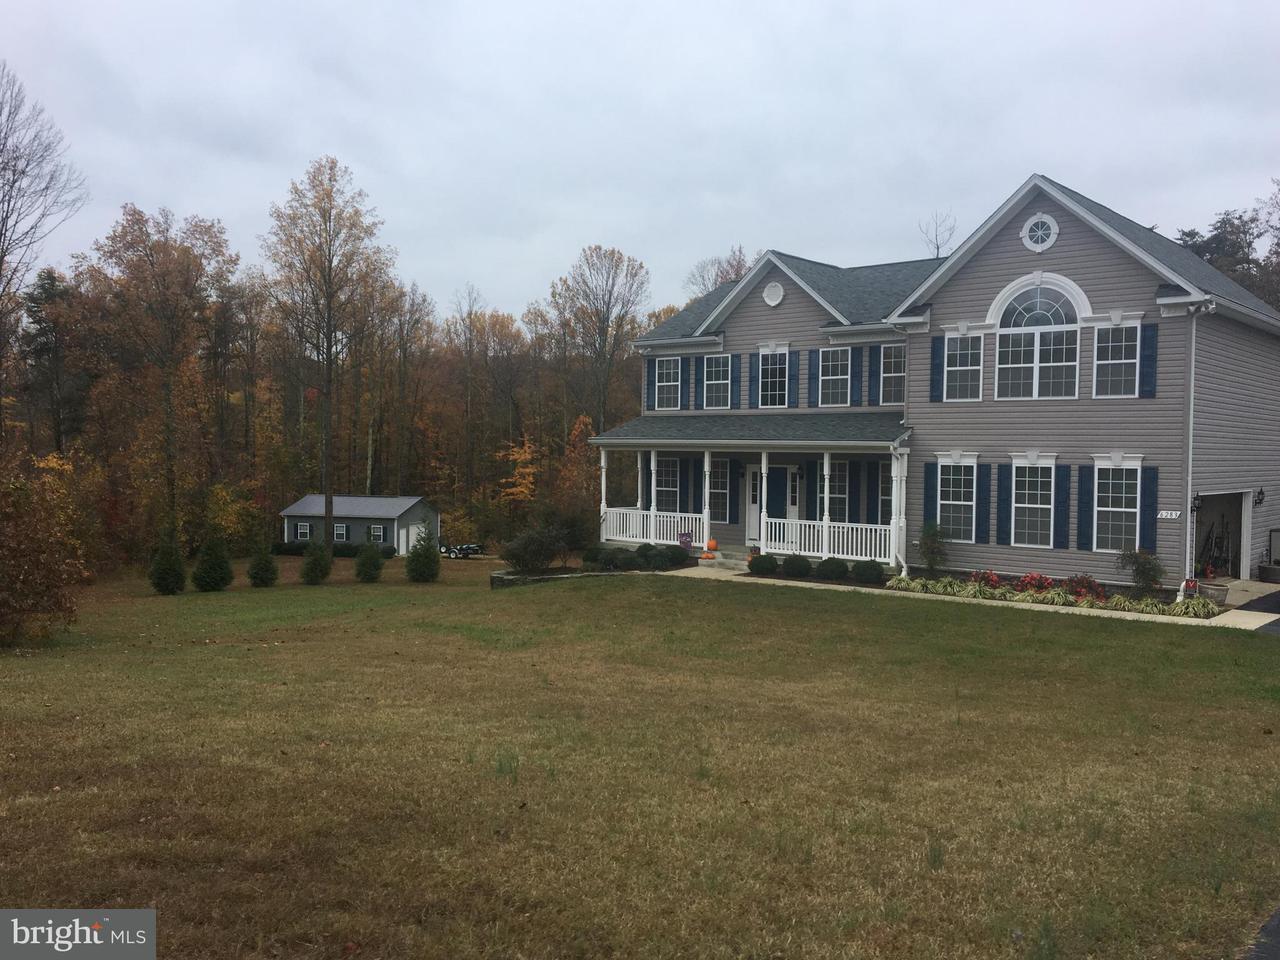 Частный односемейный дом для того Продажа на 6283 Baywood Court 6283 Baywood Court Hughesville, Мэриленд 20637 Соединенные Штаты